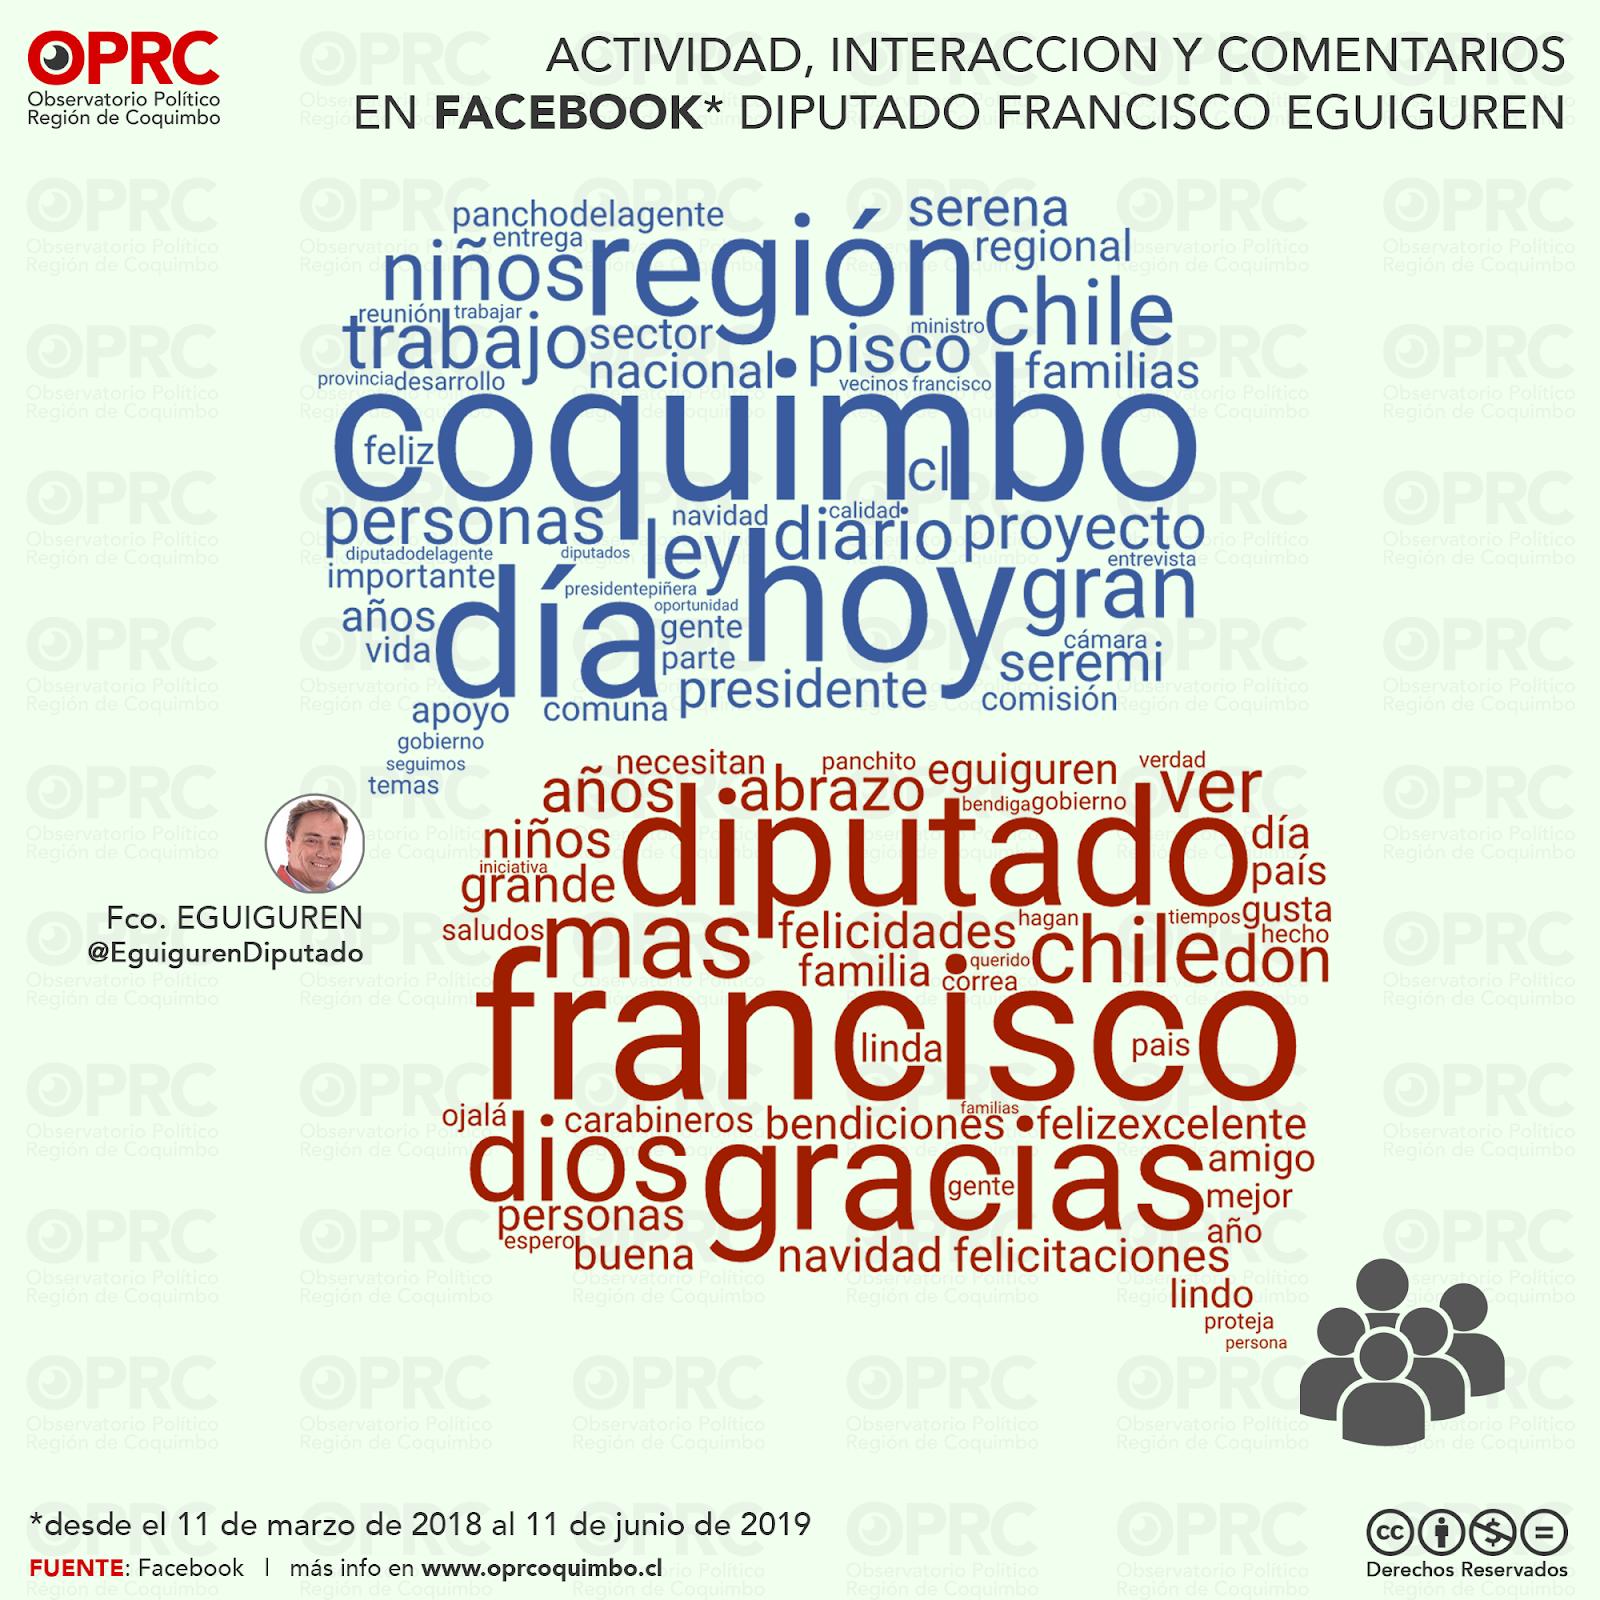 Interacción en Facebook Diputado Francisco Eguiguren